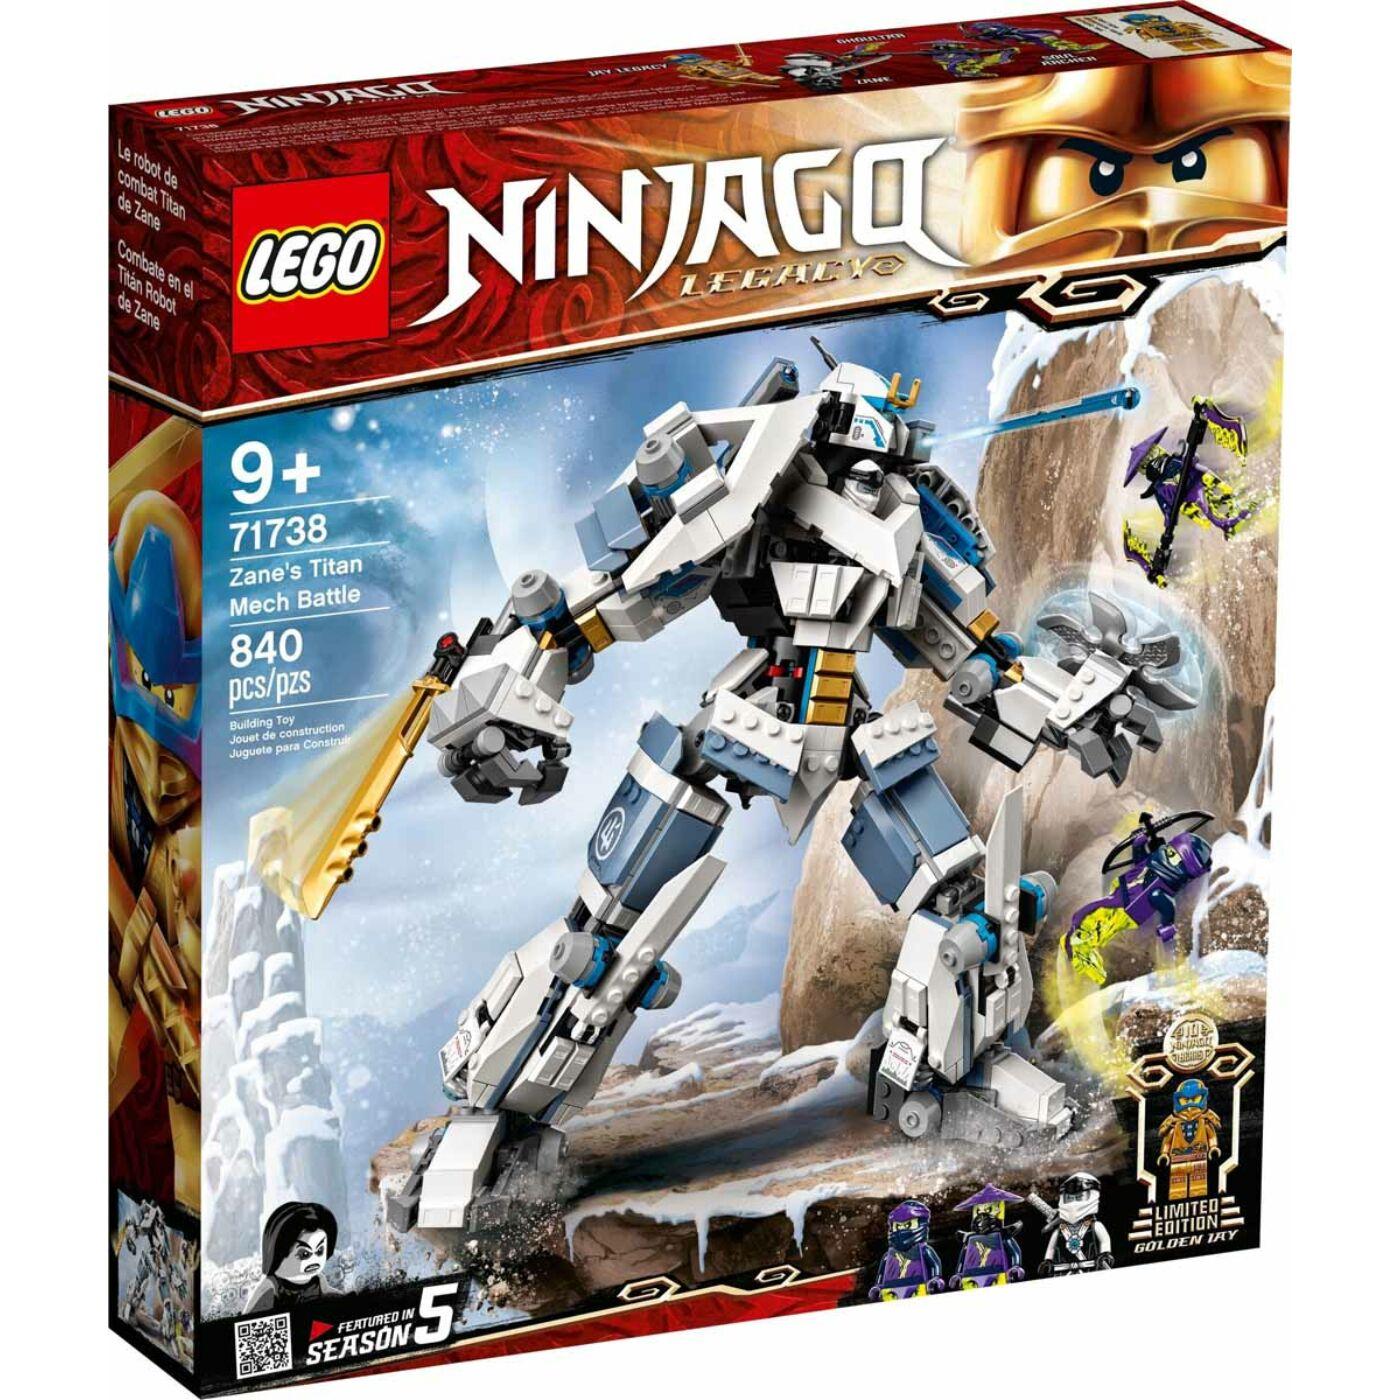 Lego Ninjago Zane mechanikus titánjának családja